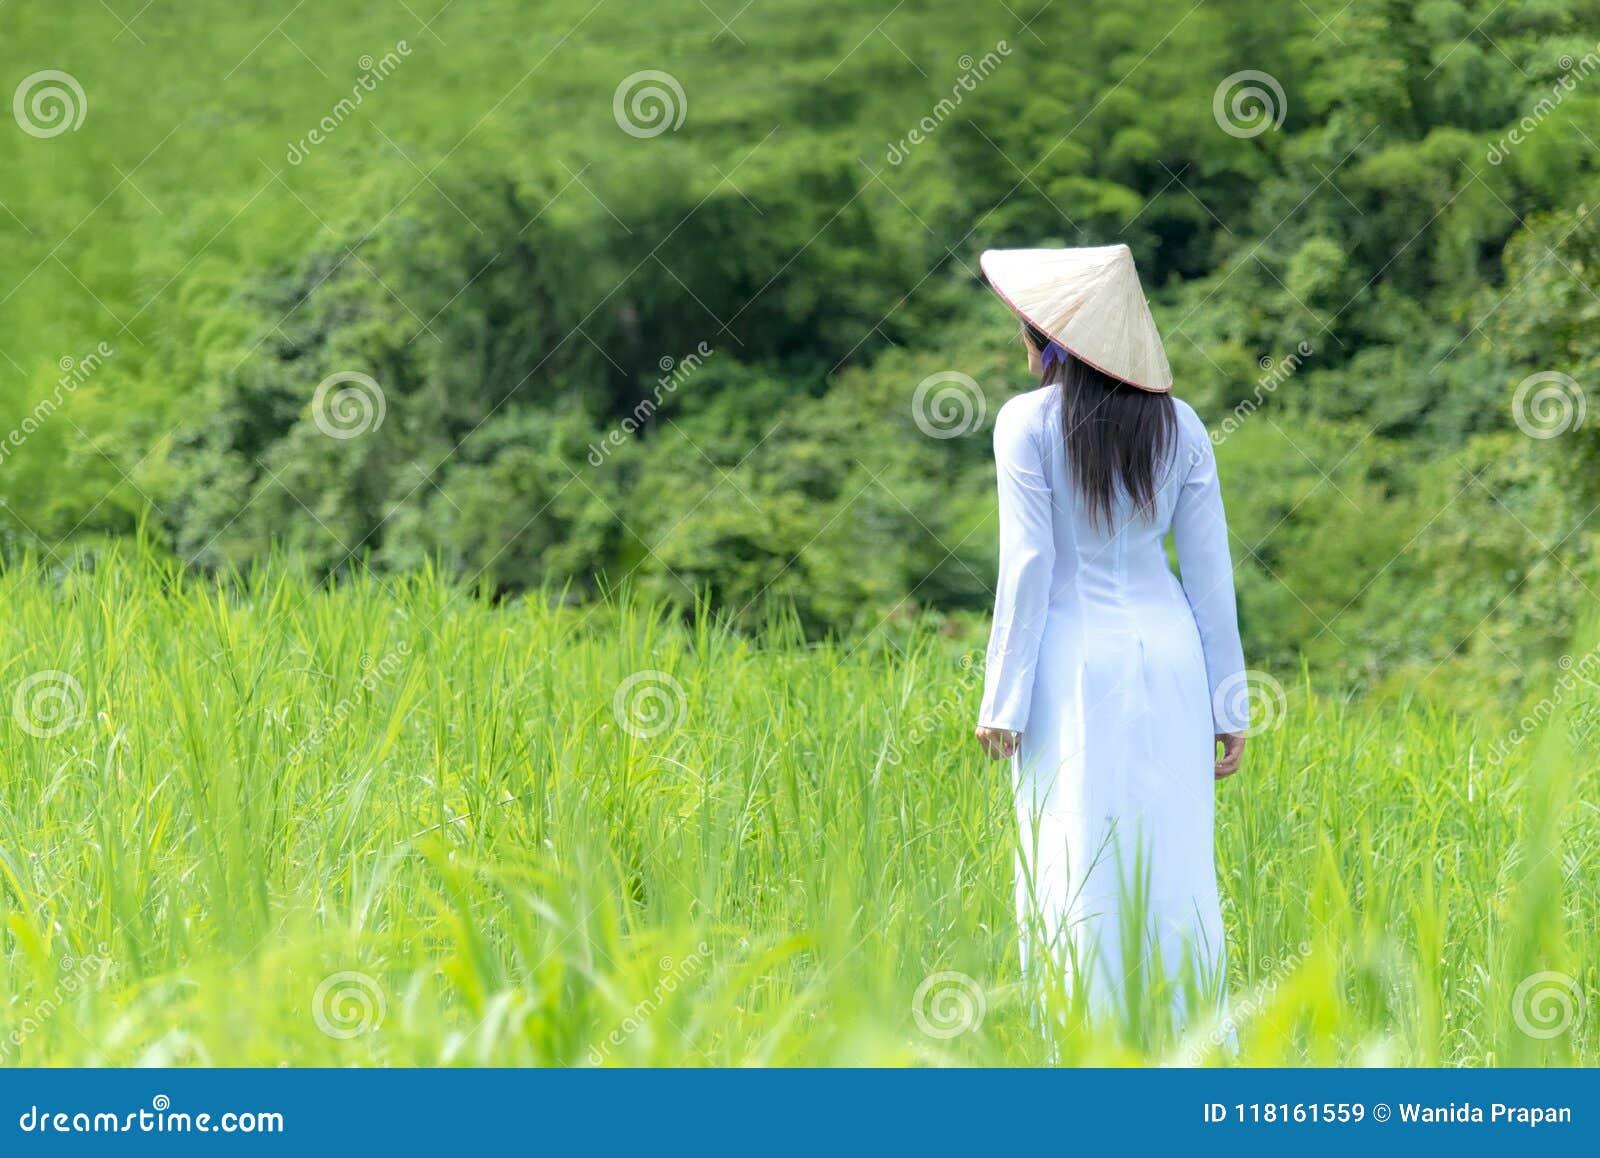 Las mujeres asiáticas con el vestido tradicional de Ao-Dai Vietnam visten caminar de la mujer